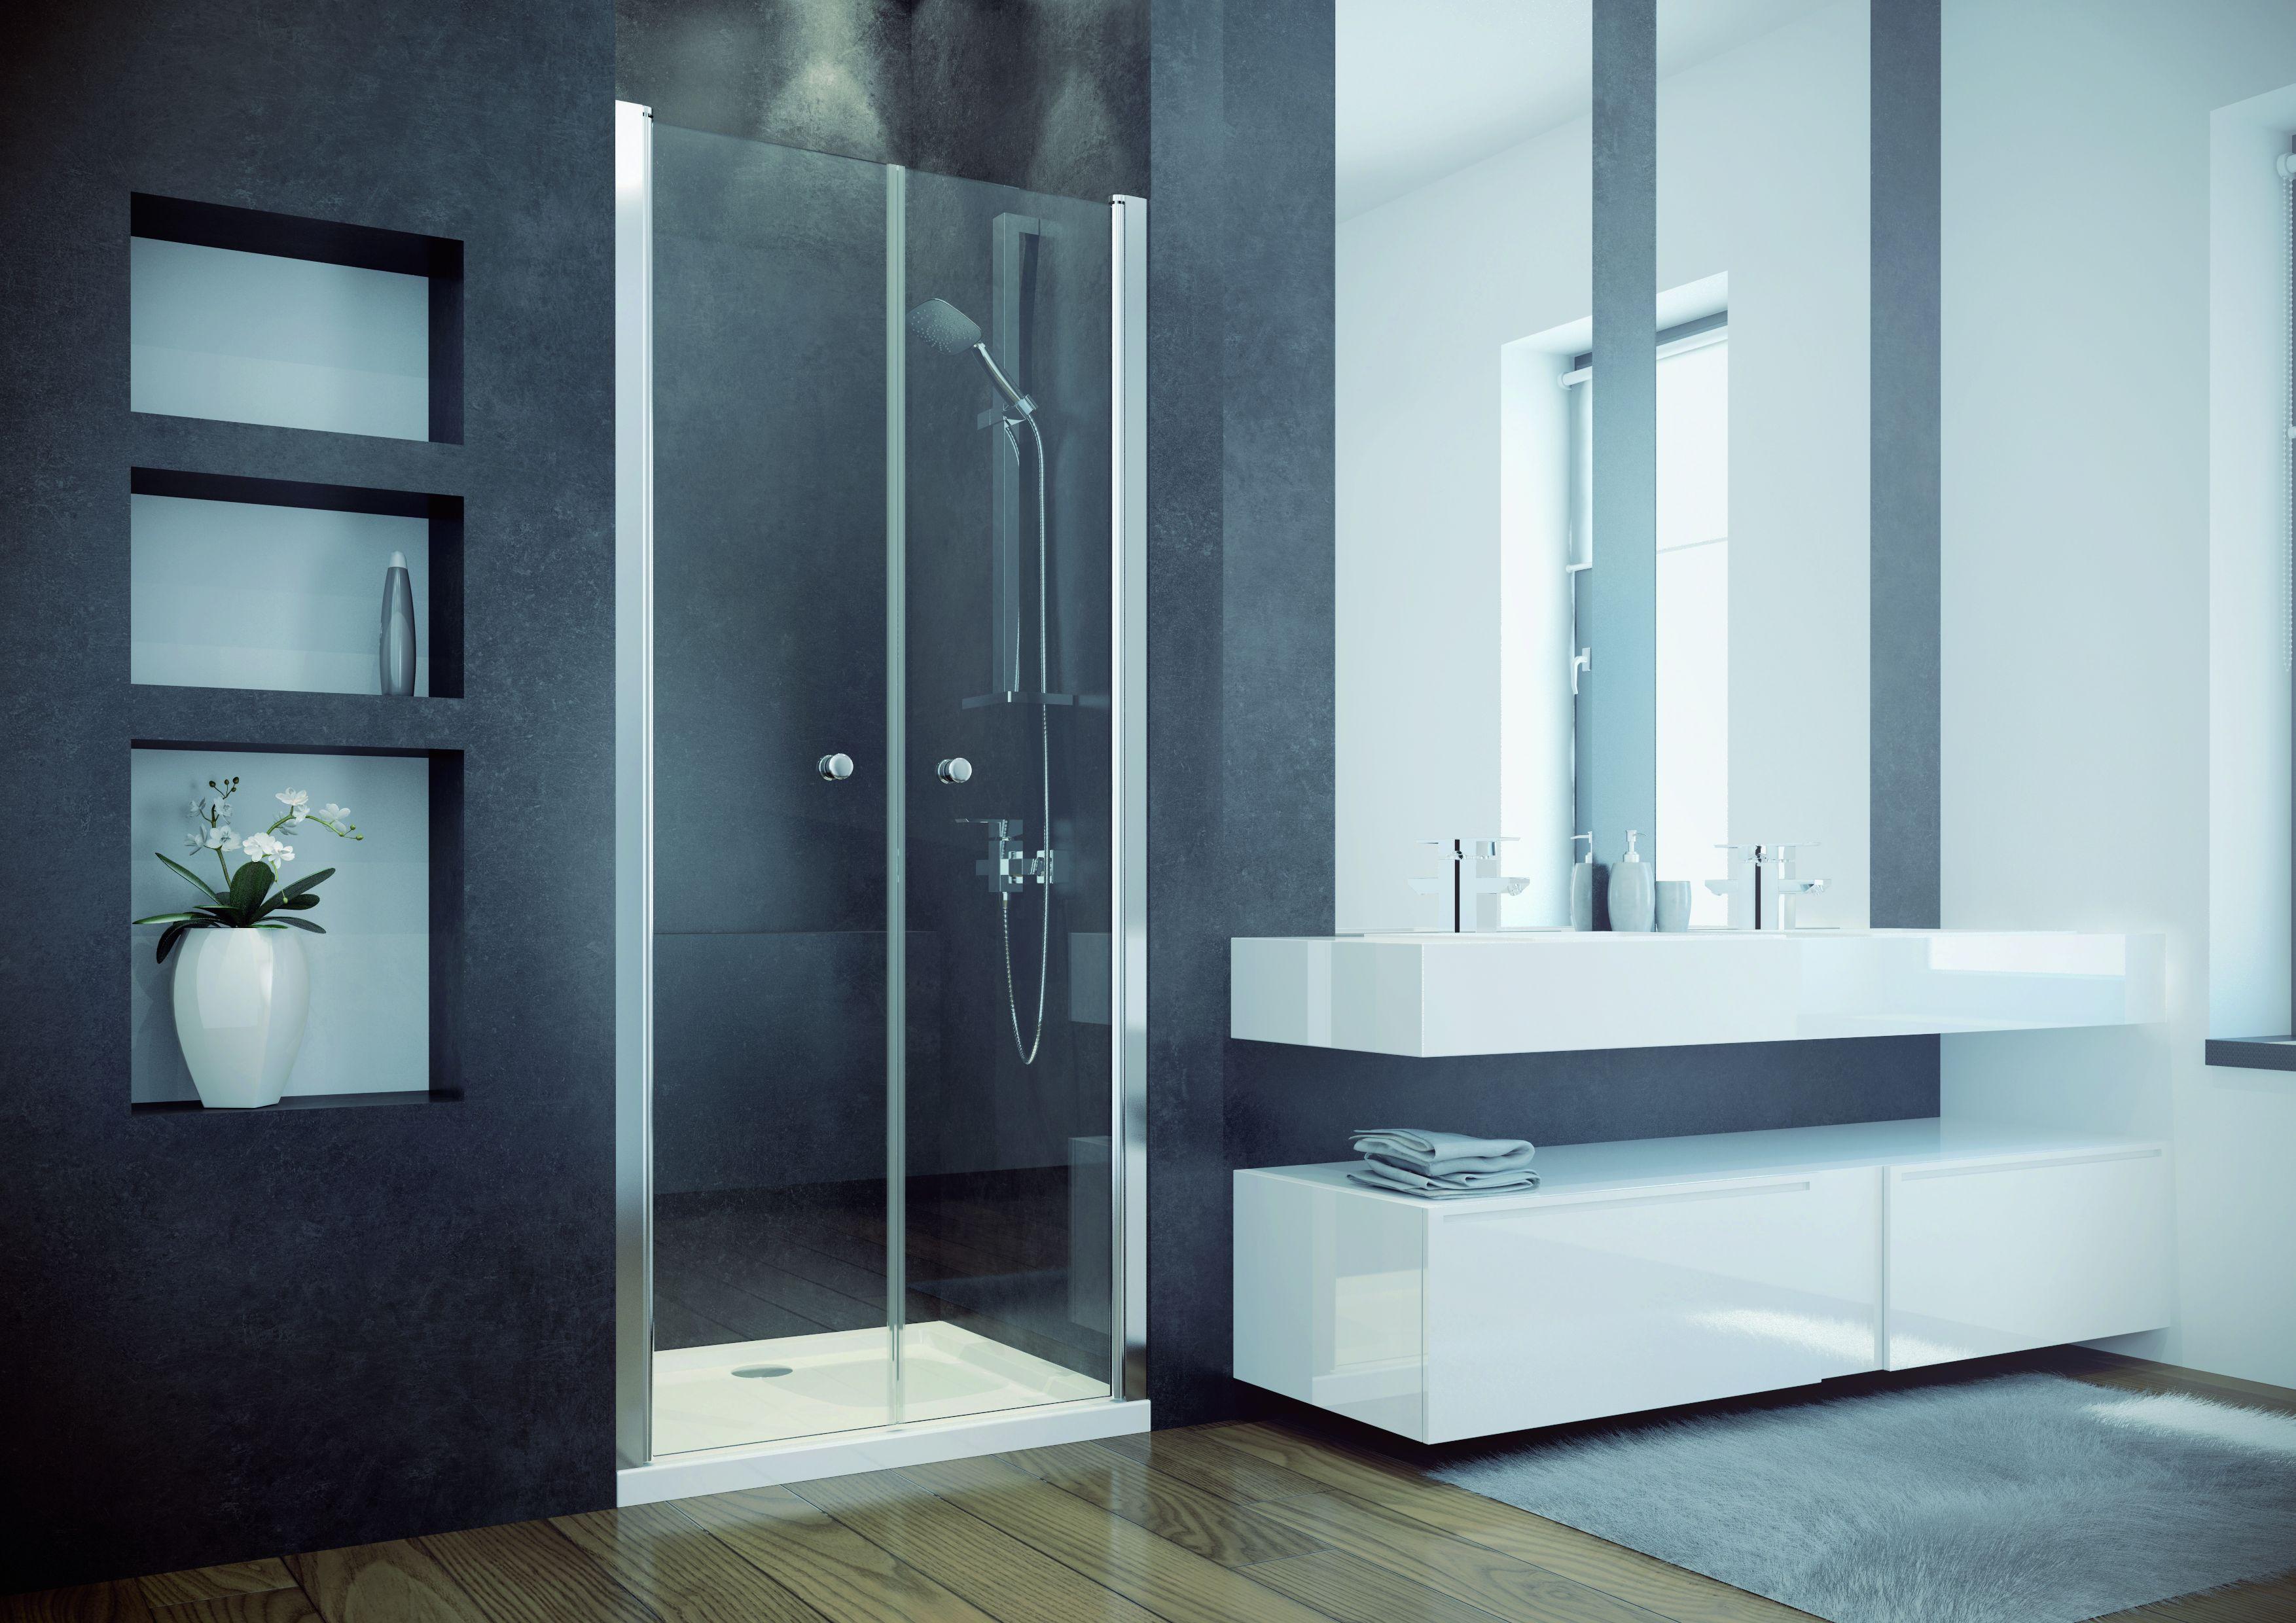 HOPA - Bezrámové sprchové dveře SINCO DUE - Barva rámu zástěny - Hliník chrom, Rozměr A - 90 cm, Směr zavírání - Univerzální Levé / Pravé, Výplň - Čiré bezpečnostní sklo - 6 mm, Výška - 195 cm (BCSIN90DUE)